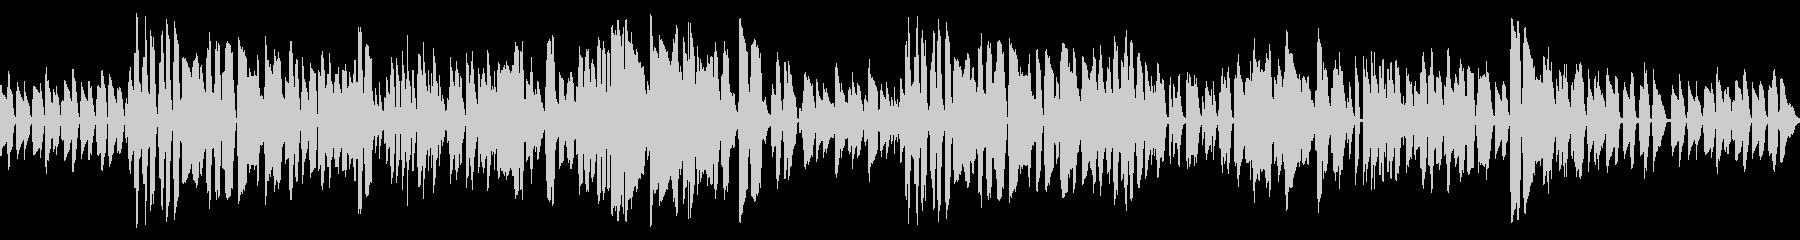 洒落たバーのイメージのクラリネットジャズの未再生の波形